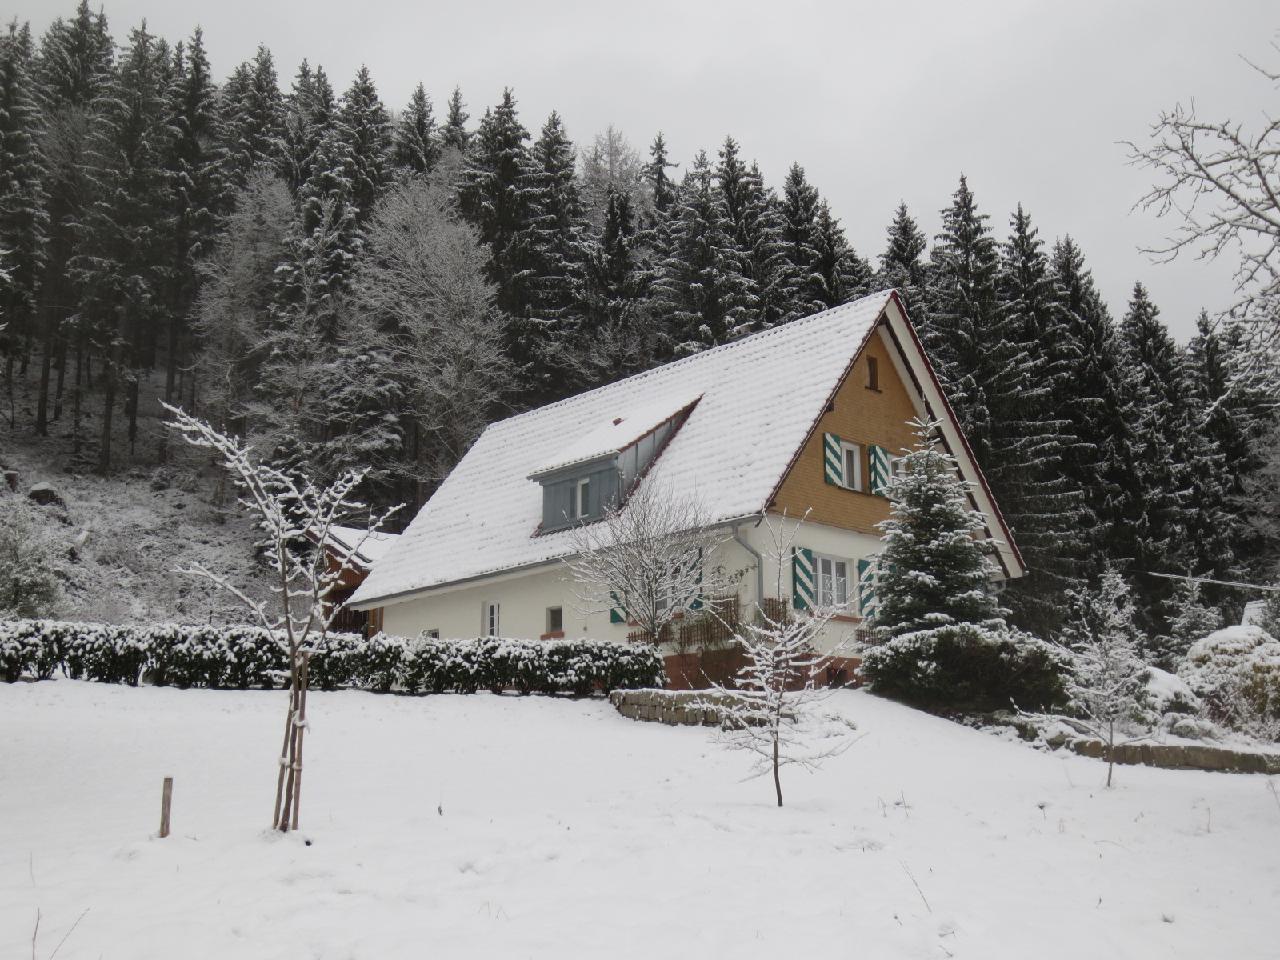 Ferienhaus Tauchert (979550), Baiersbronn, Schwarzwald, Baden-Württemberg, Deutschland, Bild 37